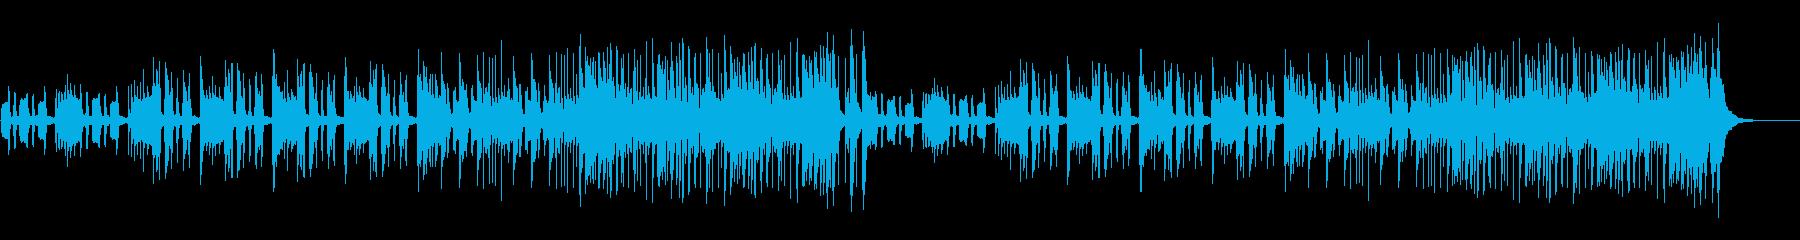 コミカル・ユーモア・ほのぼの日常BGMの再生済みの波形